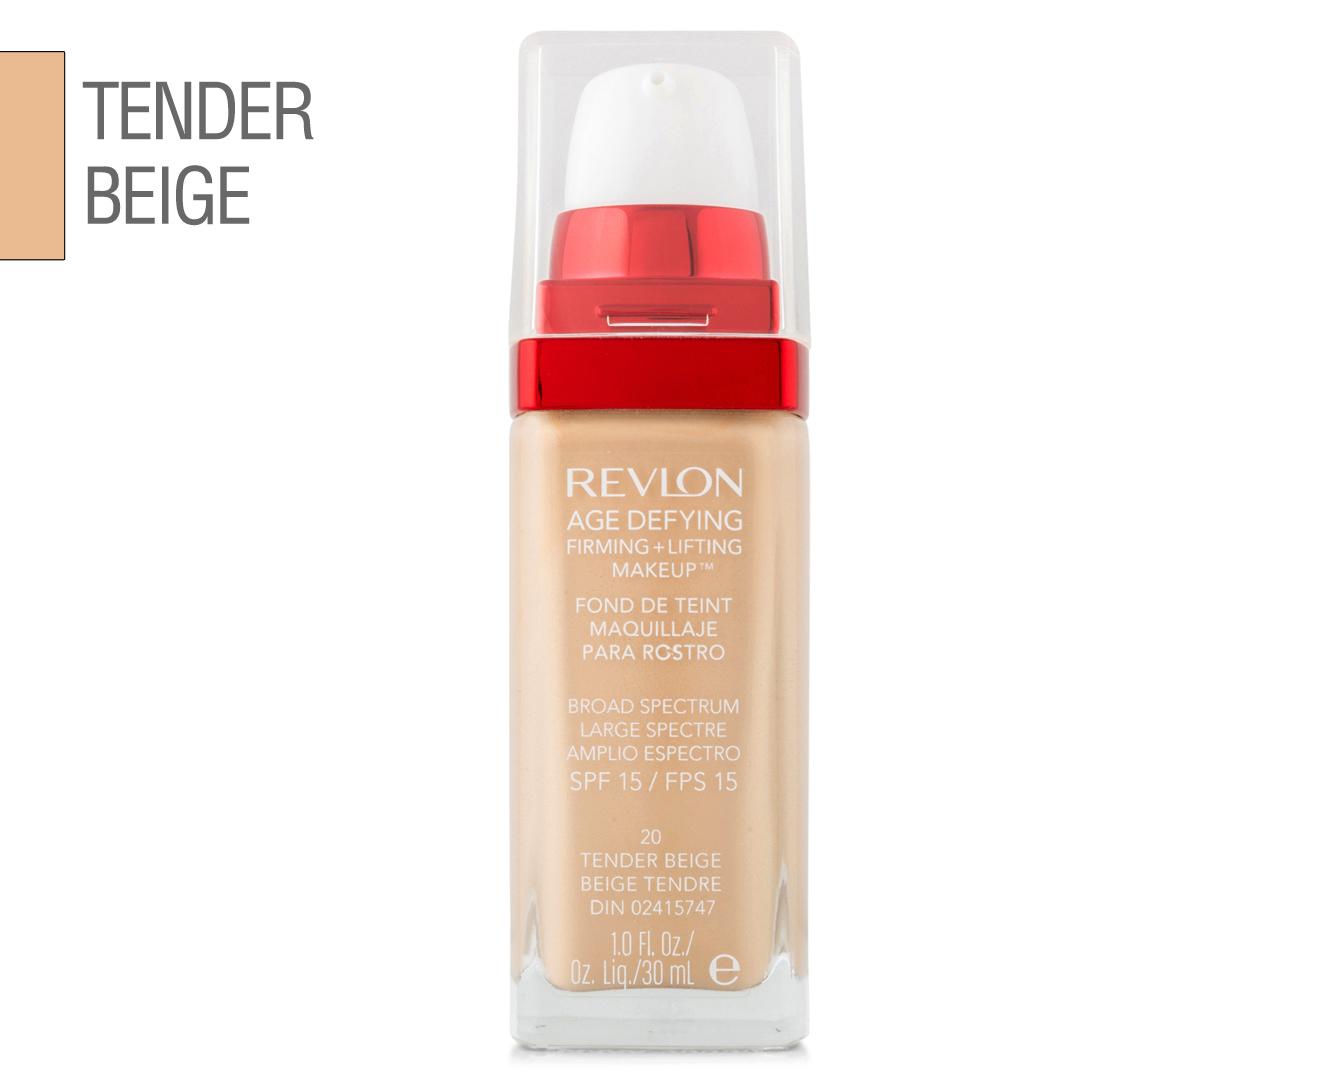 tende beige : ... .au Revlon Age Defying Firming + Lifting Makeup 30mL - Tender Beige